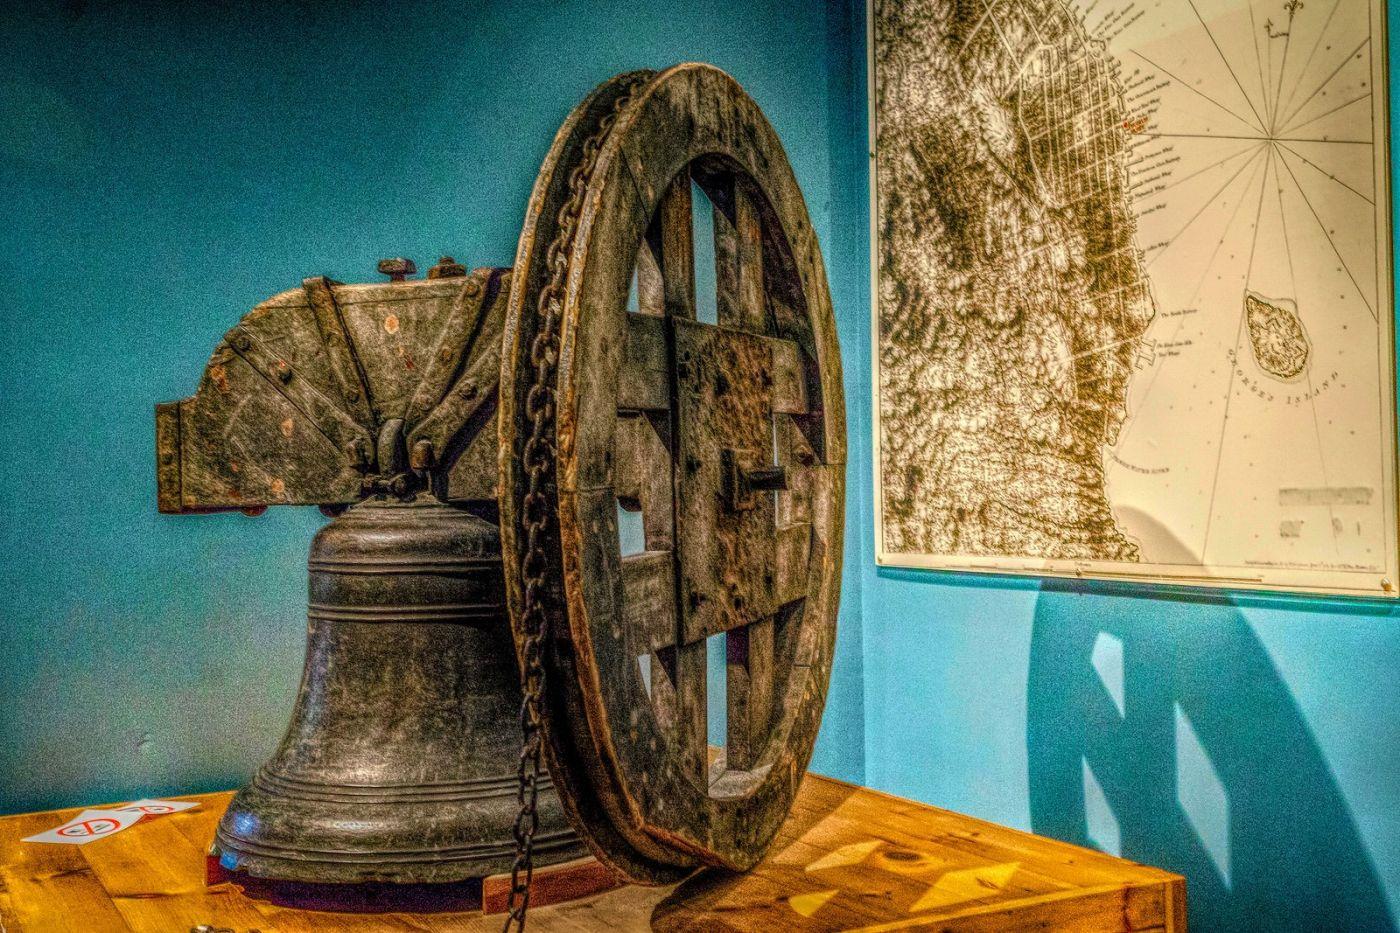 加拿大Halifax大西洋海事博物馆,展品丰富_图1-9